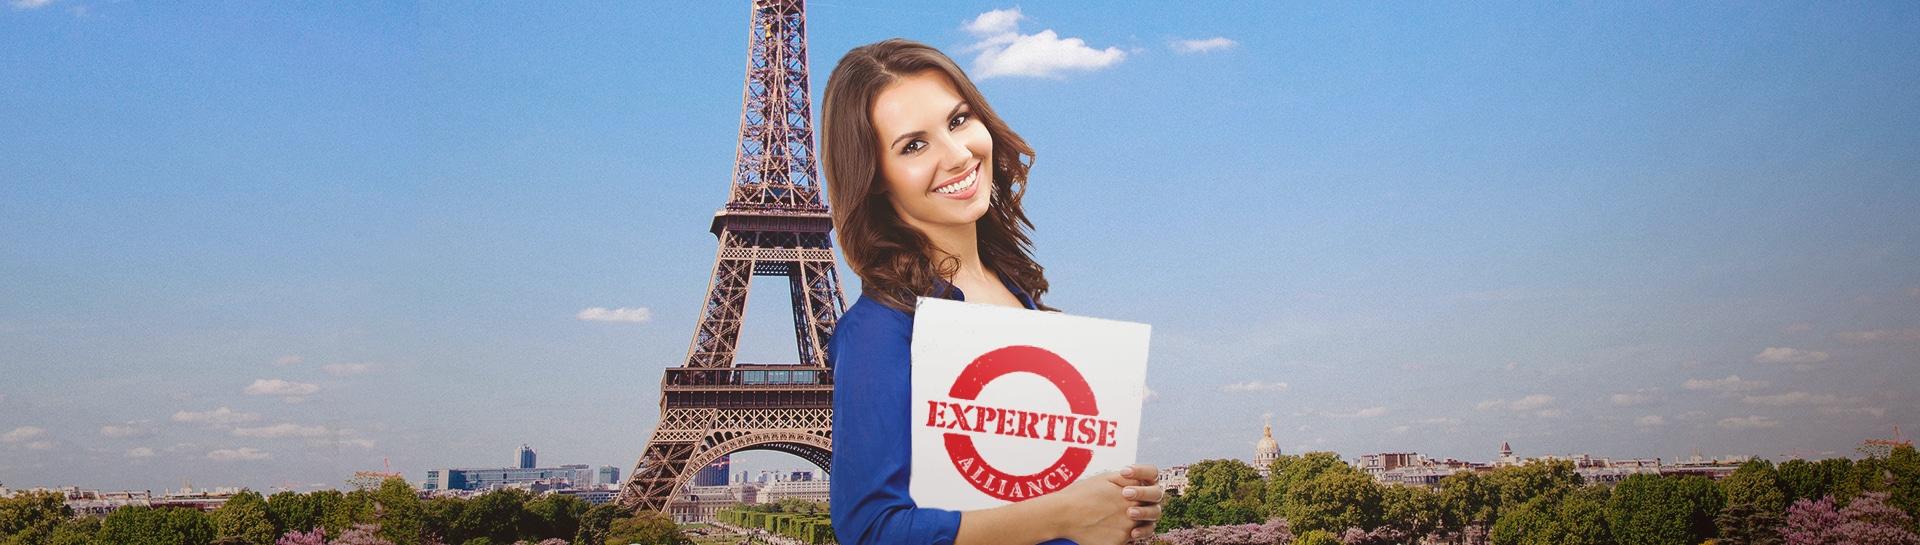 Nuestro programa de Expertise Alliance te permite vivir, trabajar y etuiar en Francia.